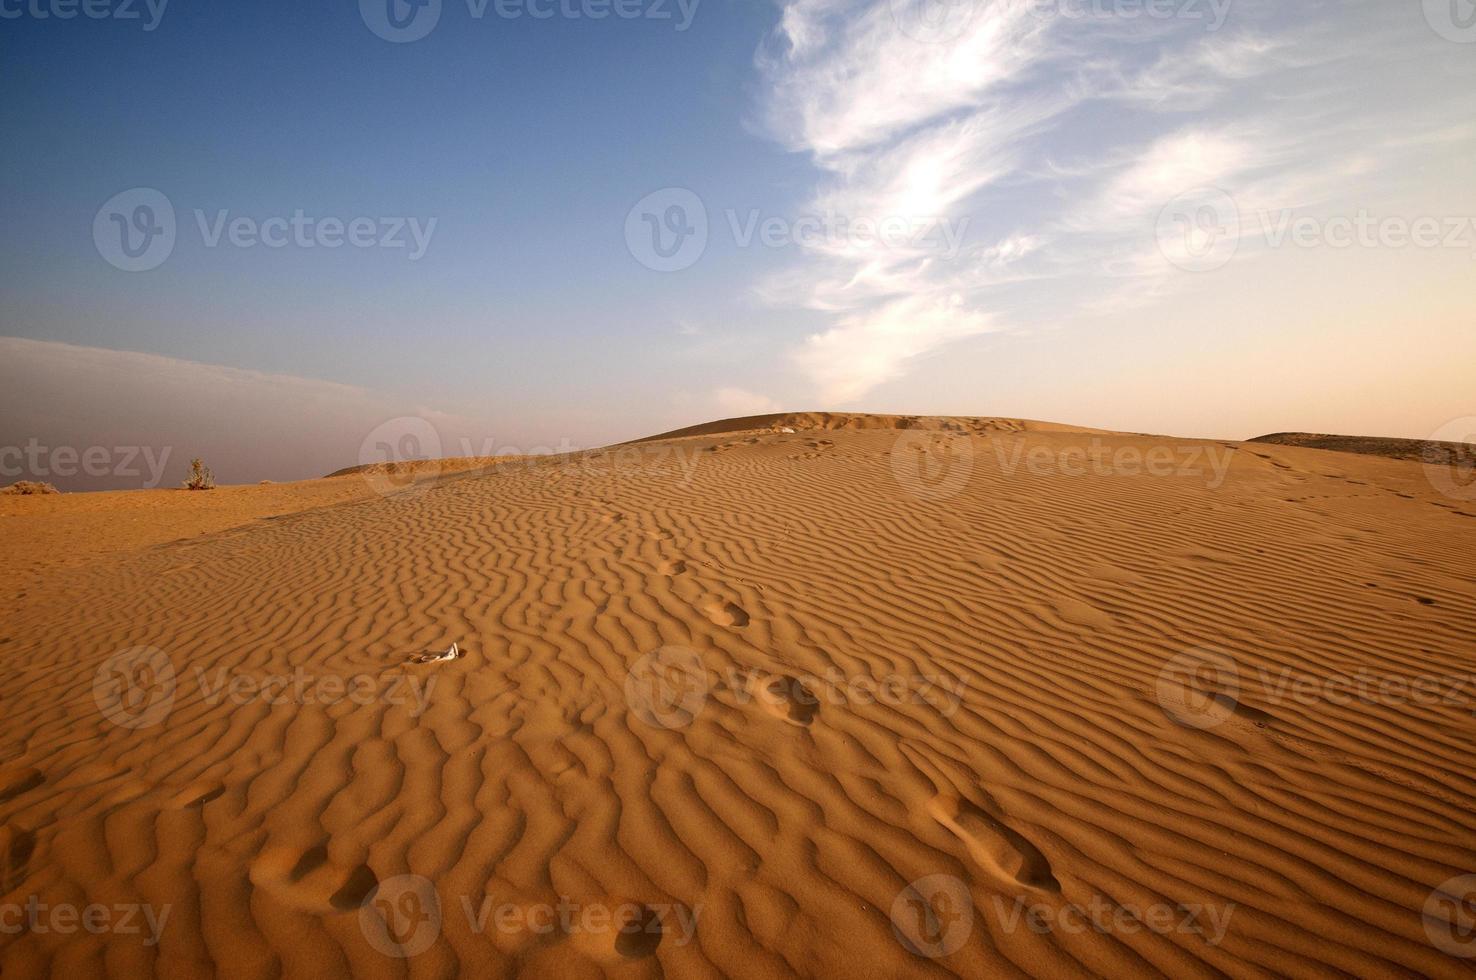 dunas de areia onduladas ao pôr do sol foto